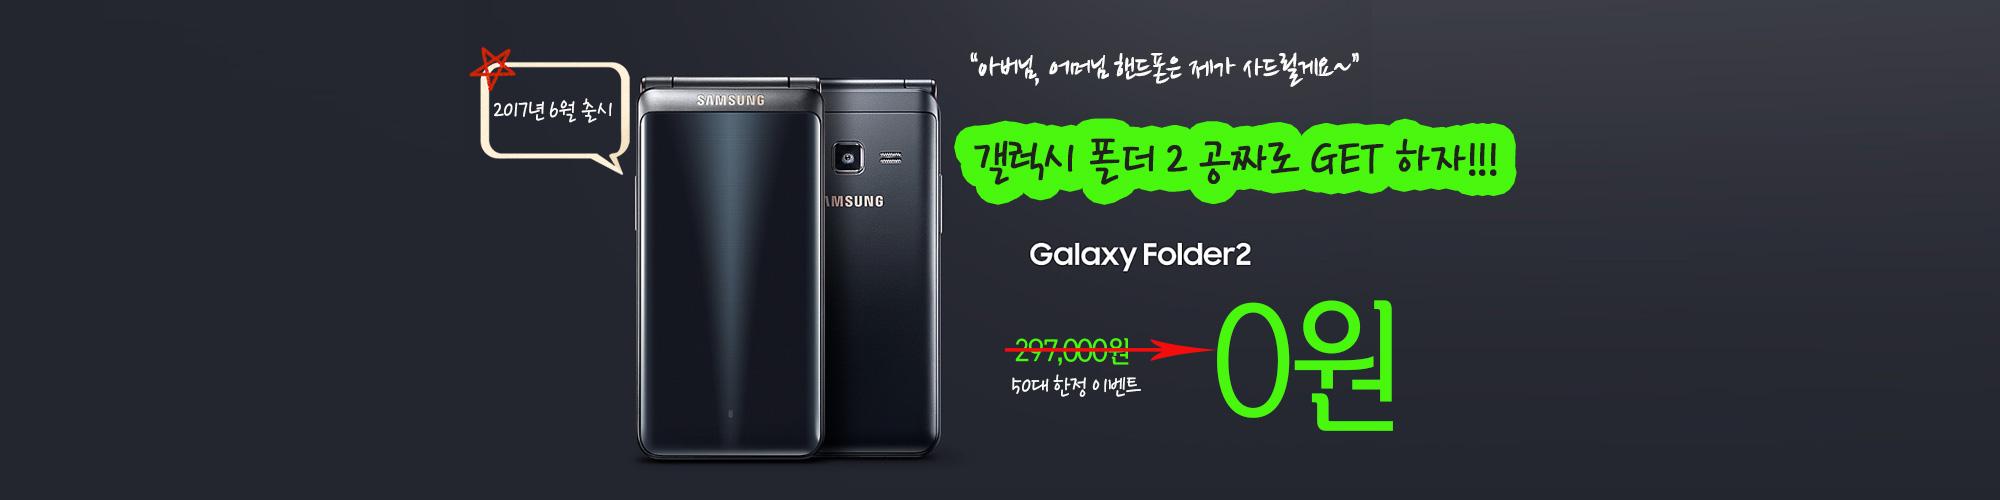 2017년 6월 출시 최신폰 갤럭시 폴더2 알뜰폰일번지에서 기기값 0원행사